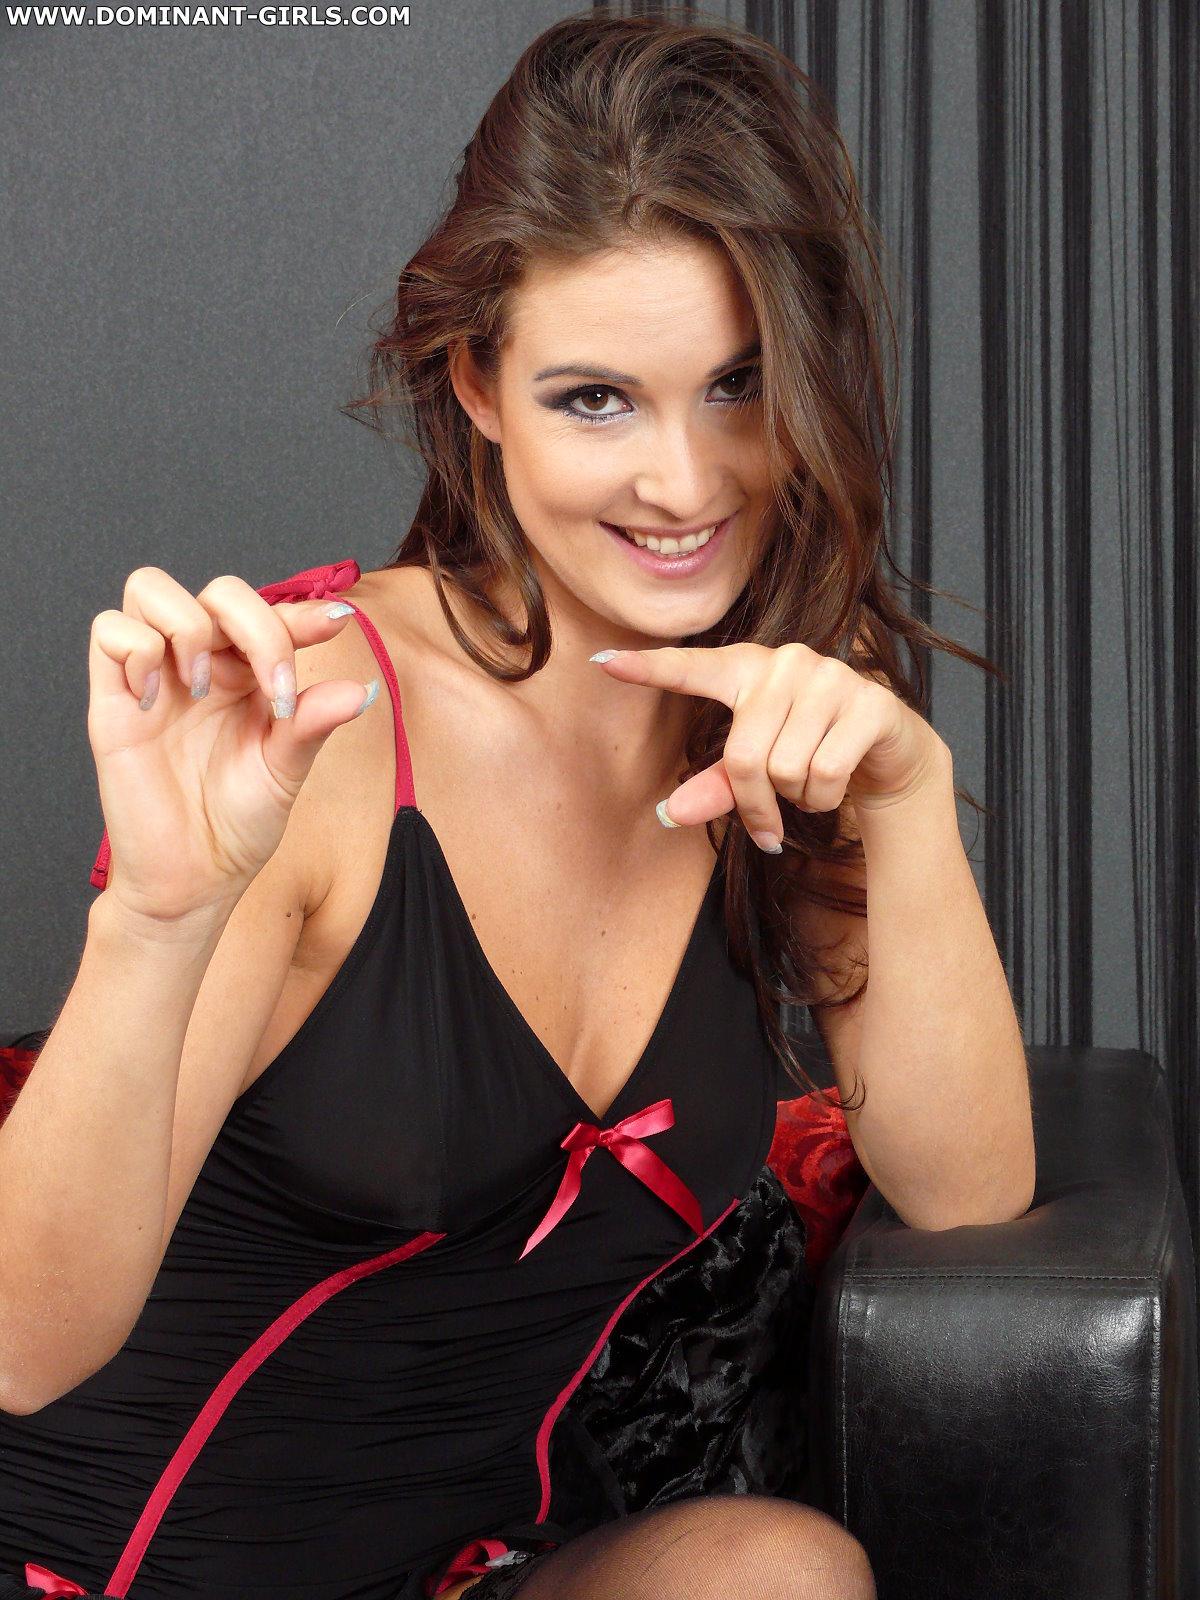 blowjob video erotik massage osnabrück